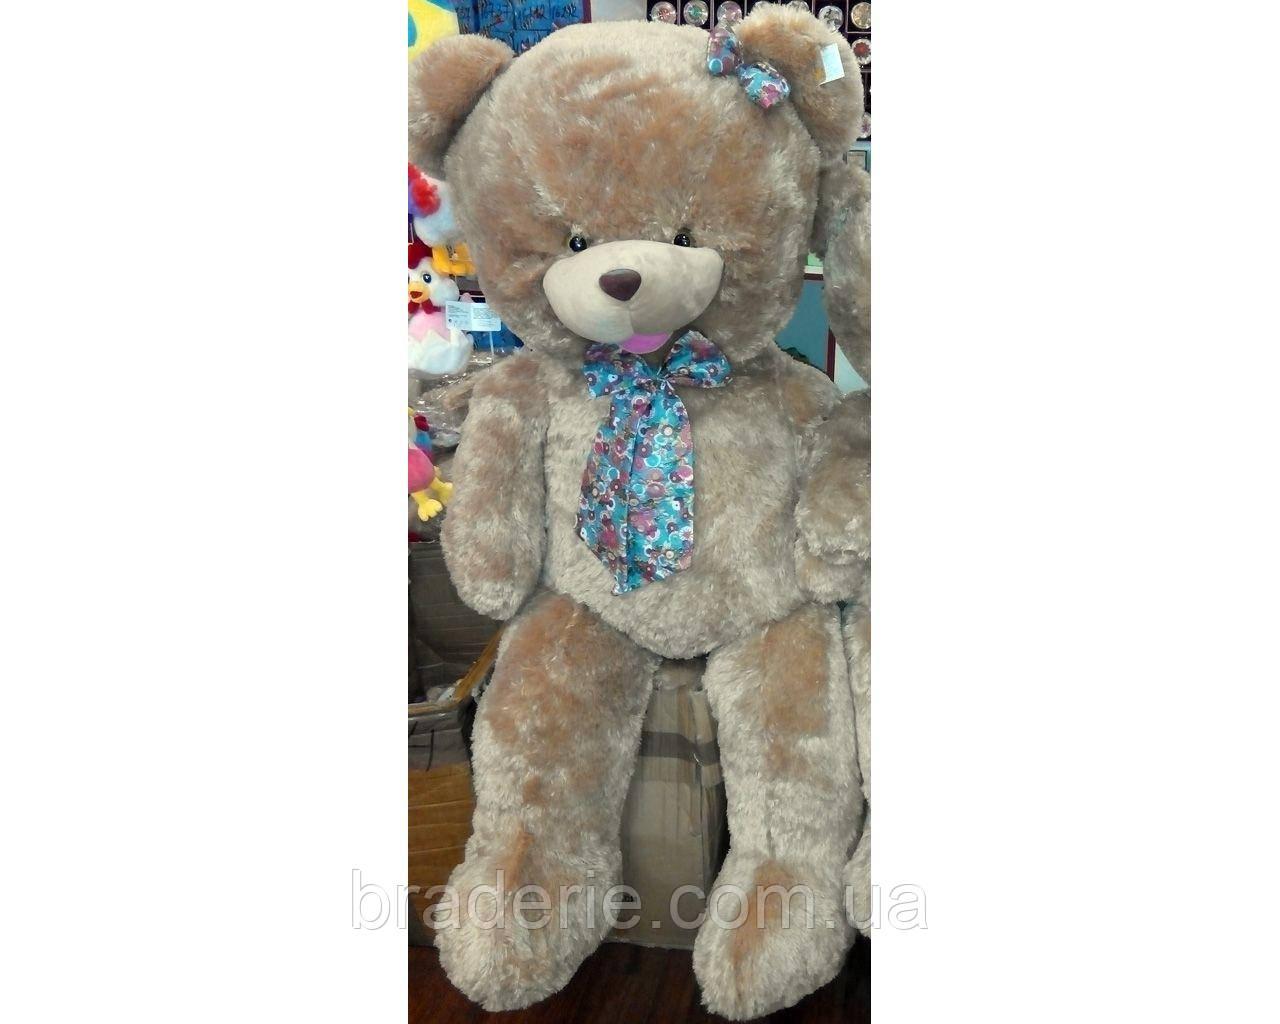 Мягкая игрушка Медведь 7221-80